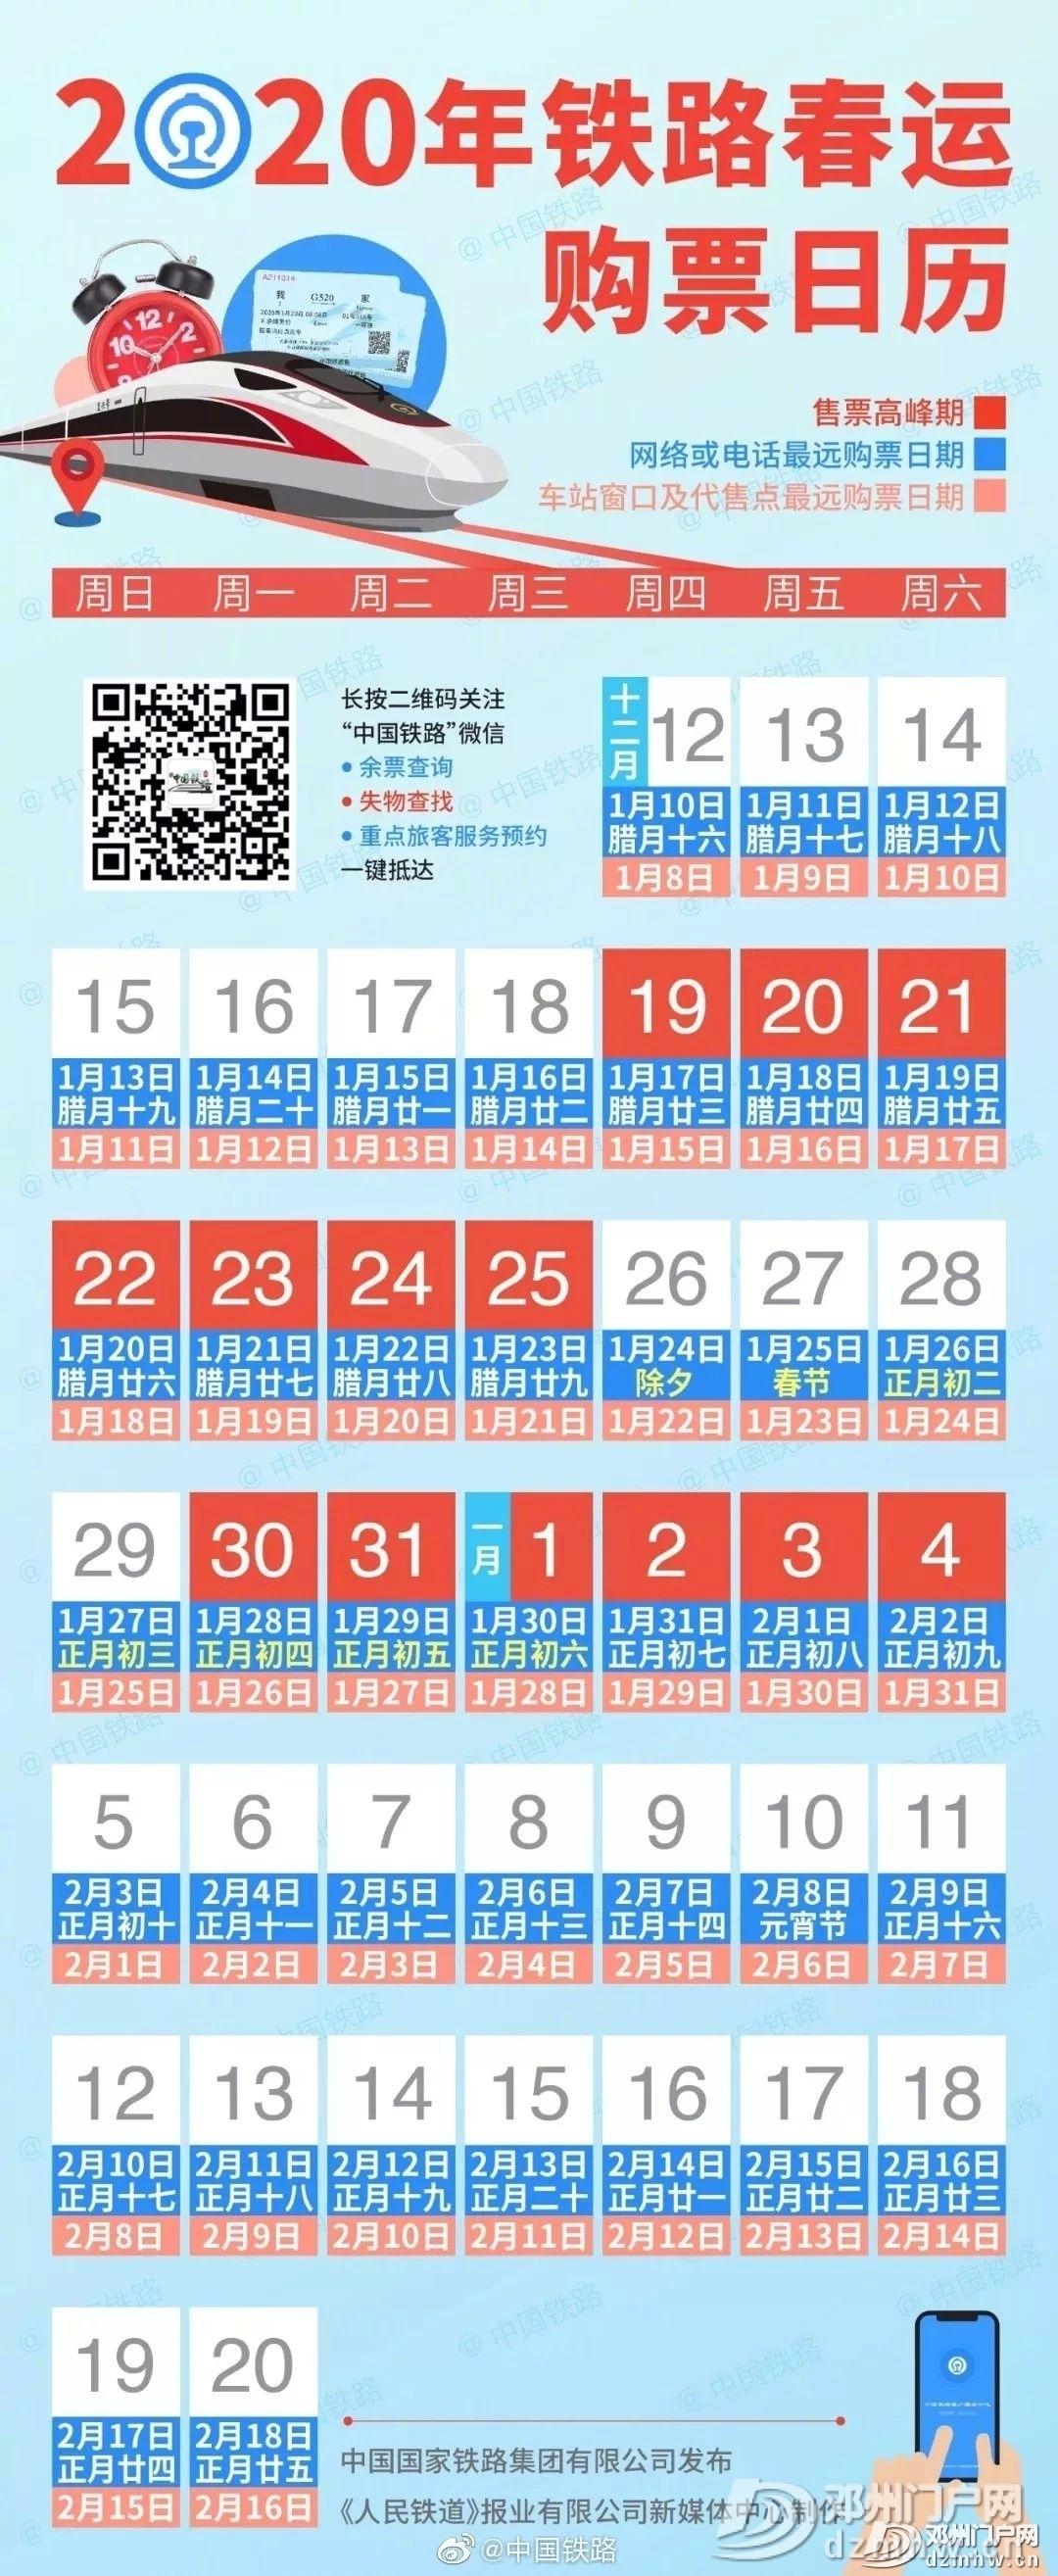 快看!2020年春节放假通知来了!除夕火车票也…… - 邓州门户网|邓州网 - 93d708c8b3823684efd280c725ad4598.jpg